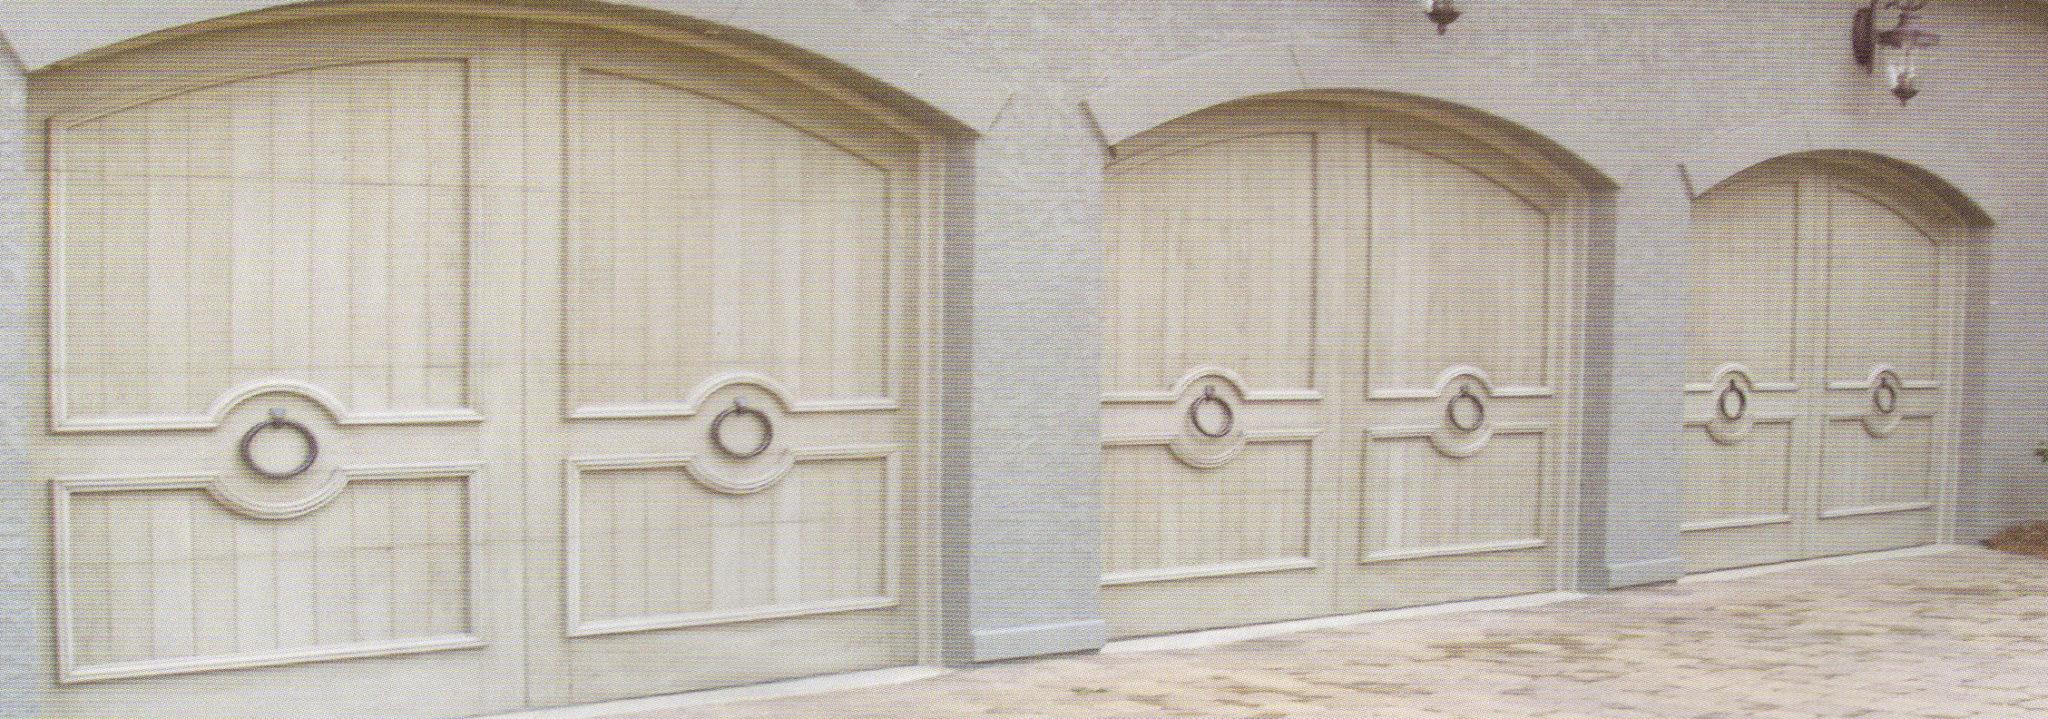 Residential garage door installations custom wood charlotte for Composite wood garage doors